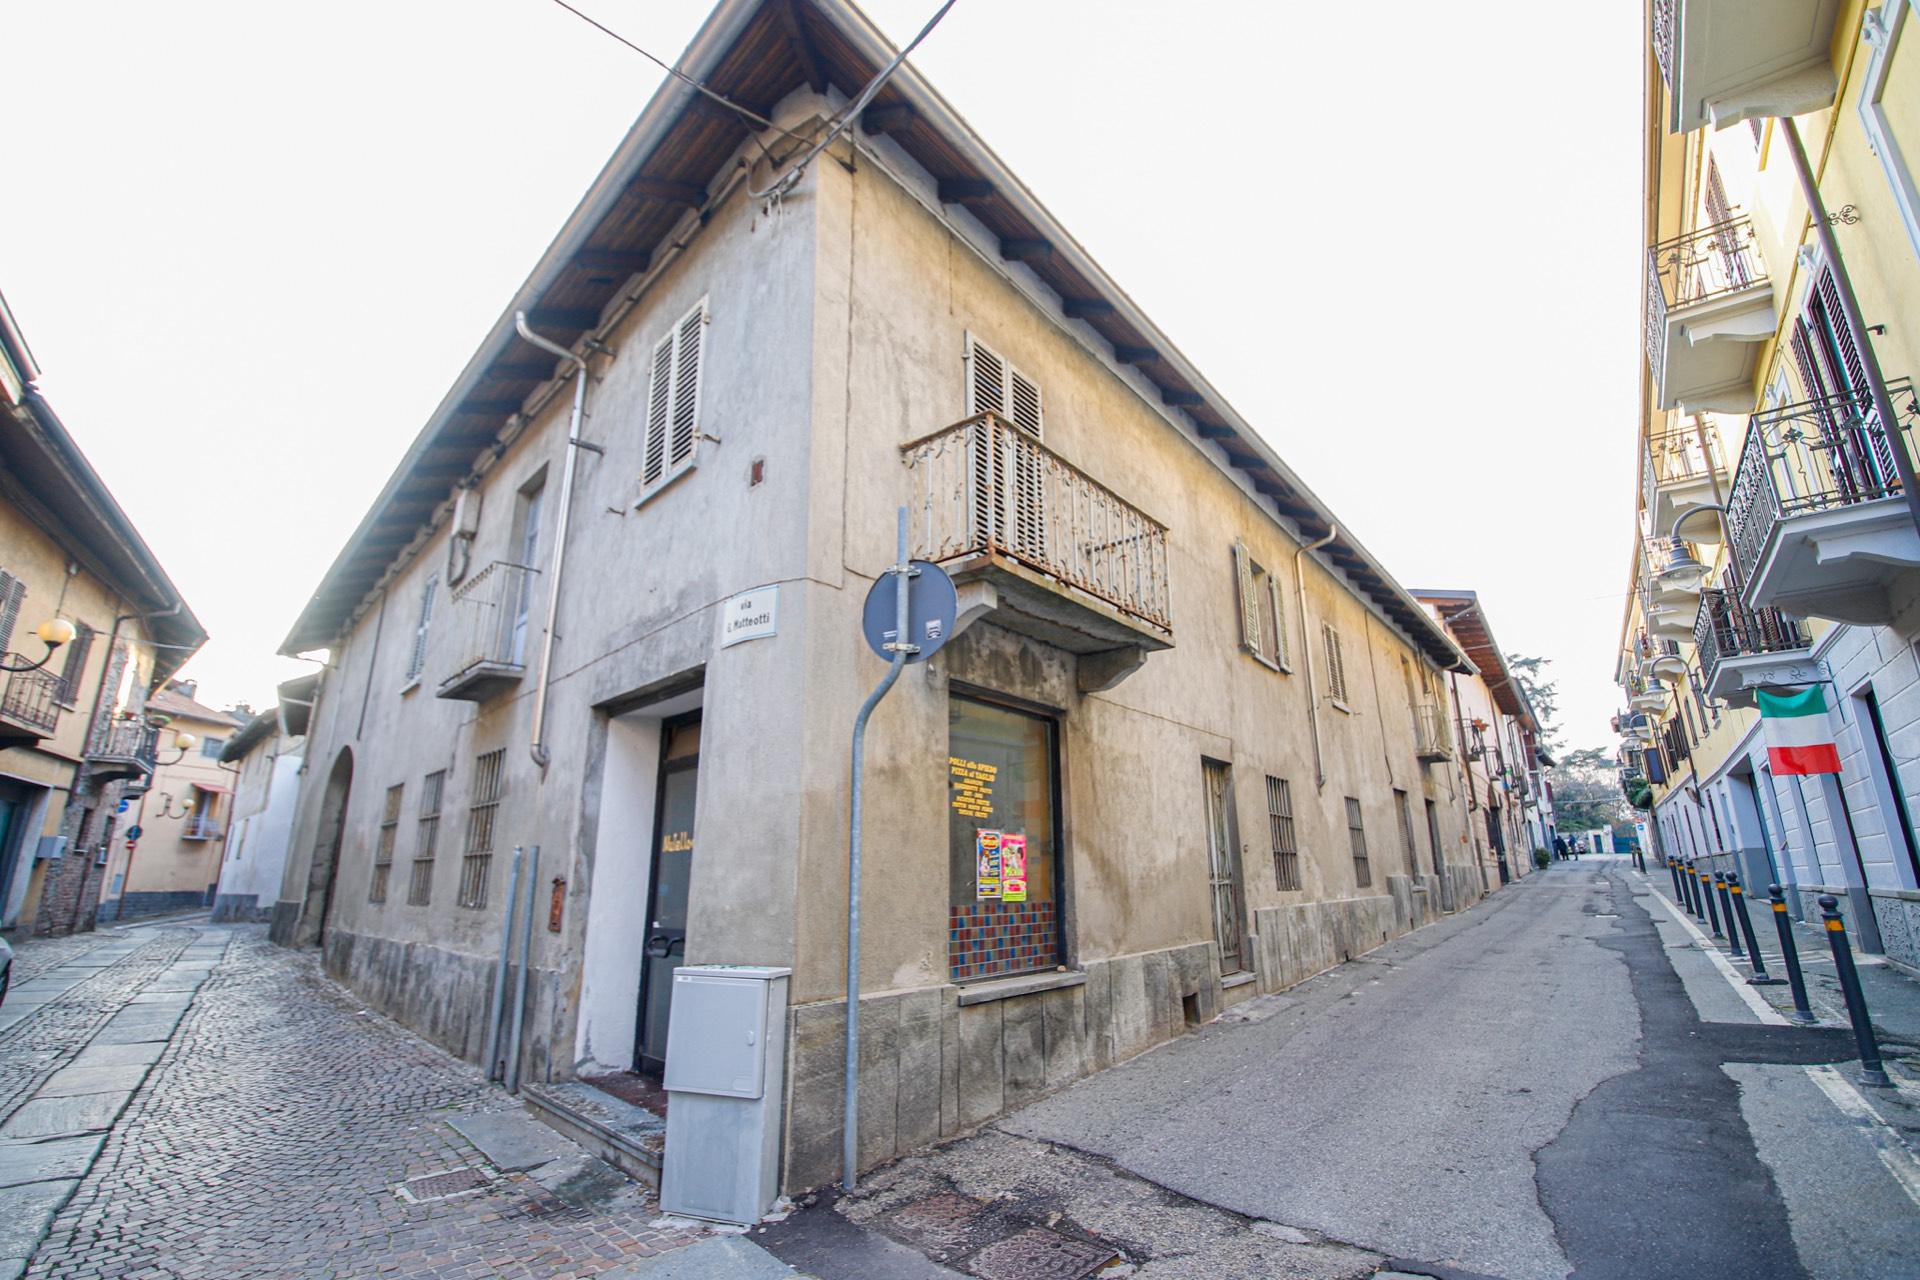 Rustico / Casale in vendita a Pianezza, 24 locali, prezzo € 299.000 | CambioCasa.it